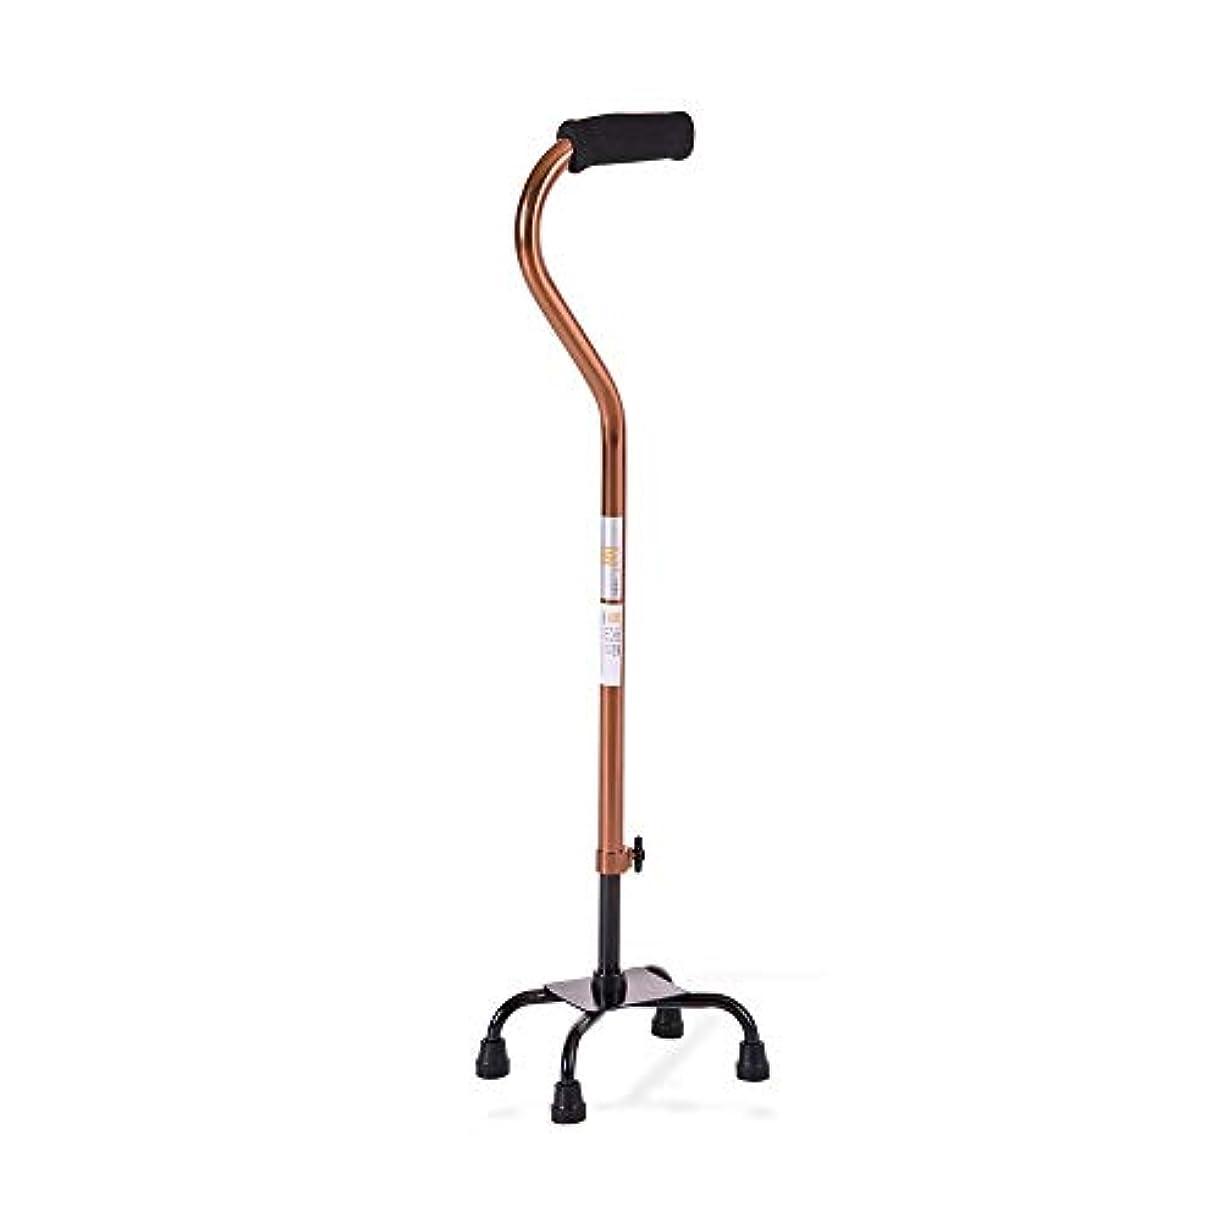 マガジン罹患率対象エクストラストロングベース付きの調整可能な4本脚の杖